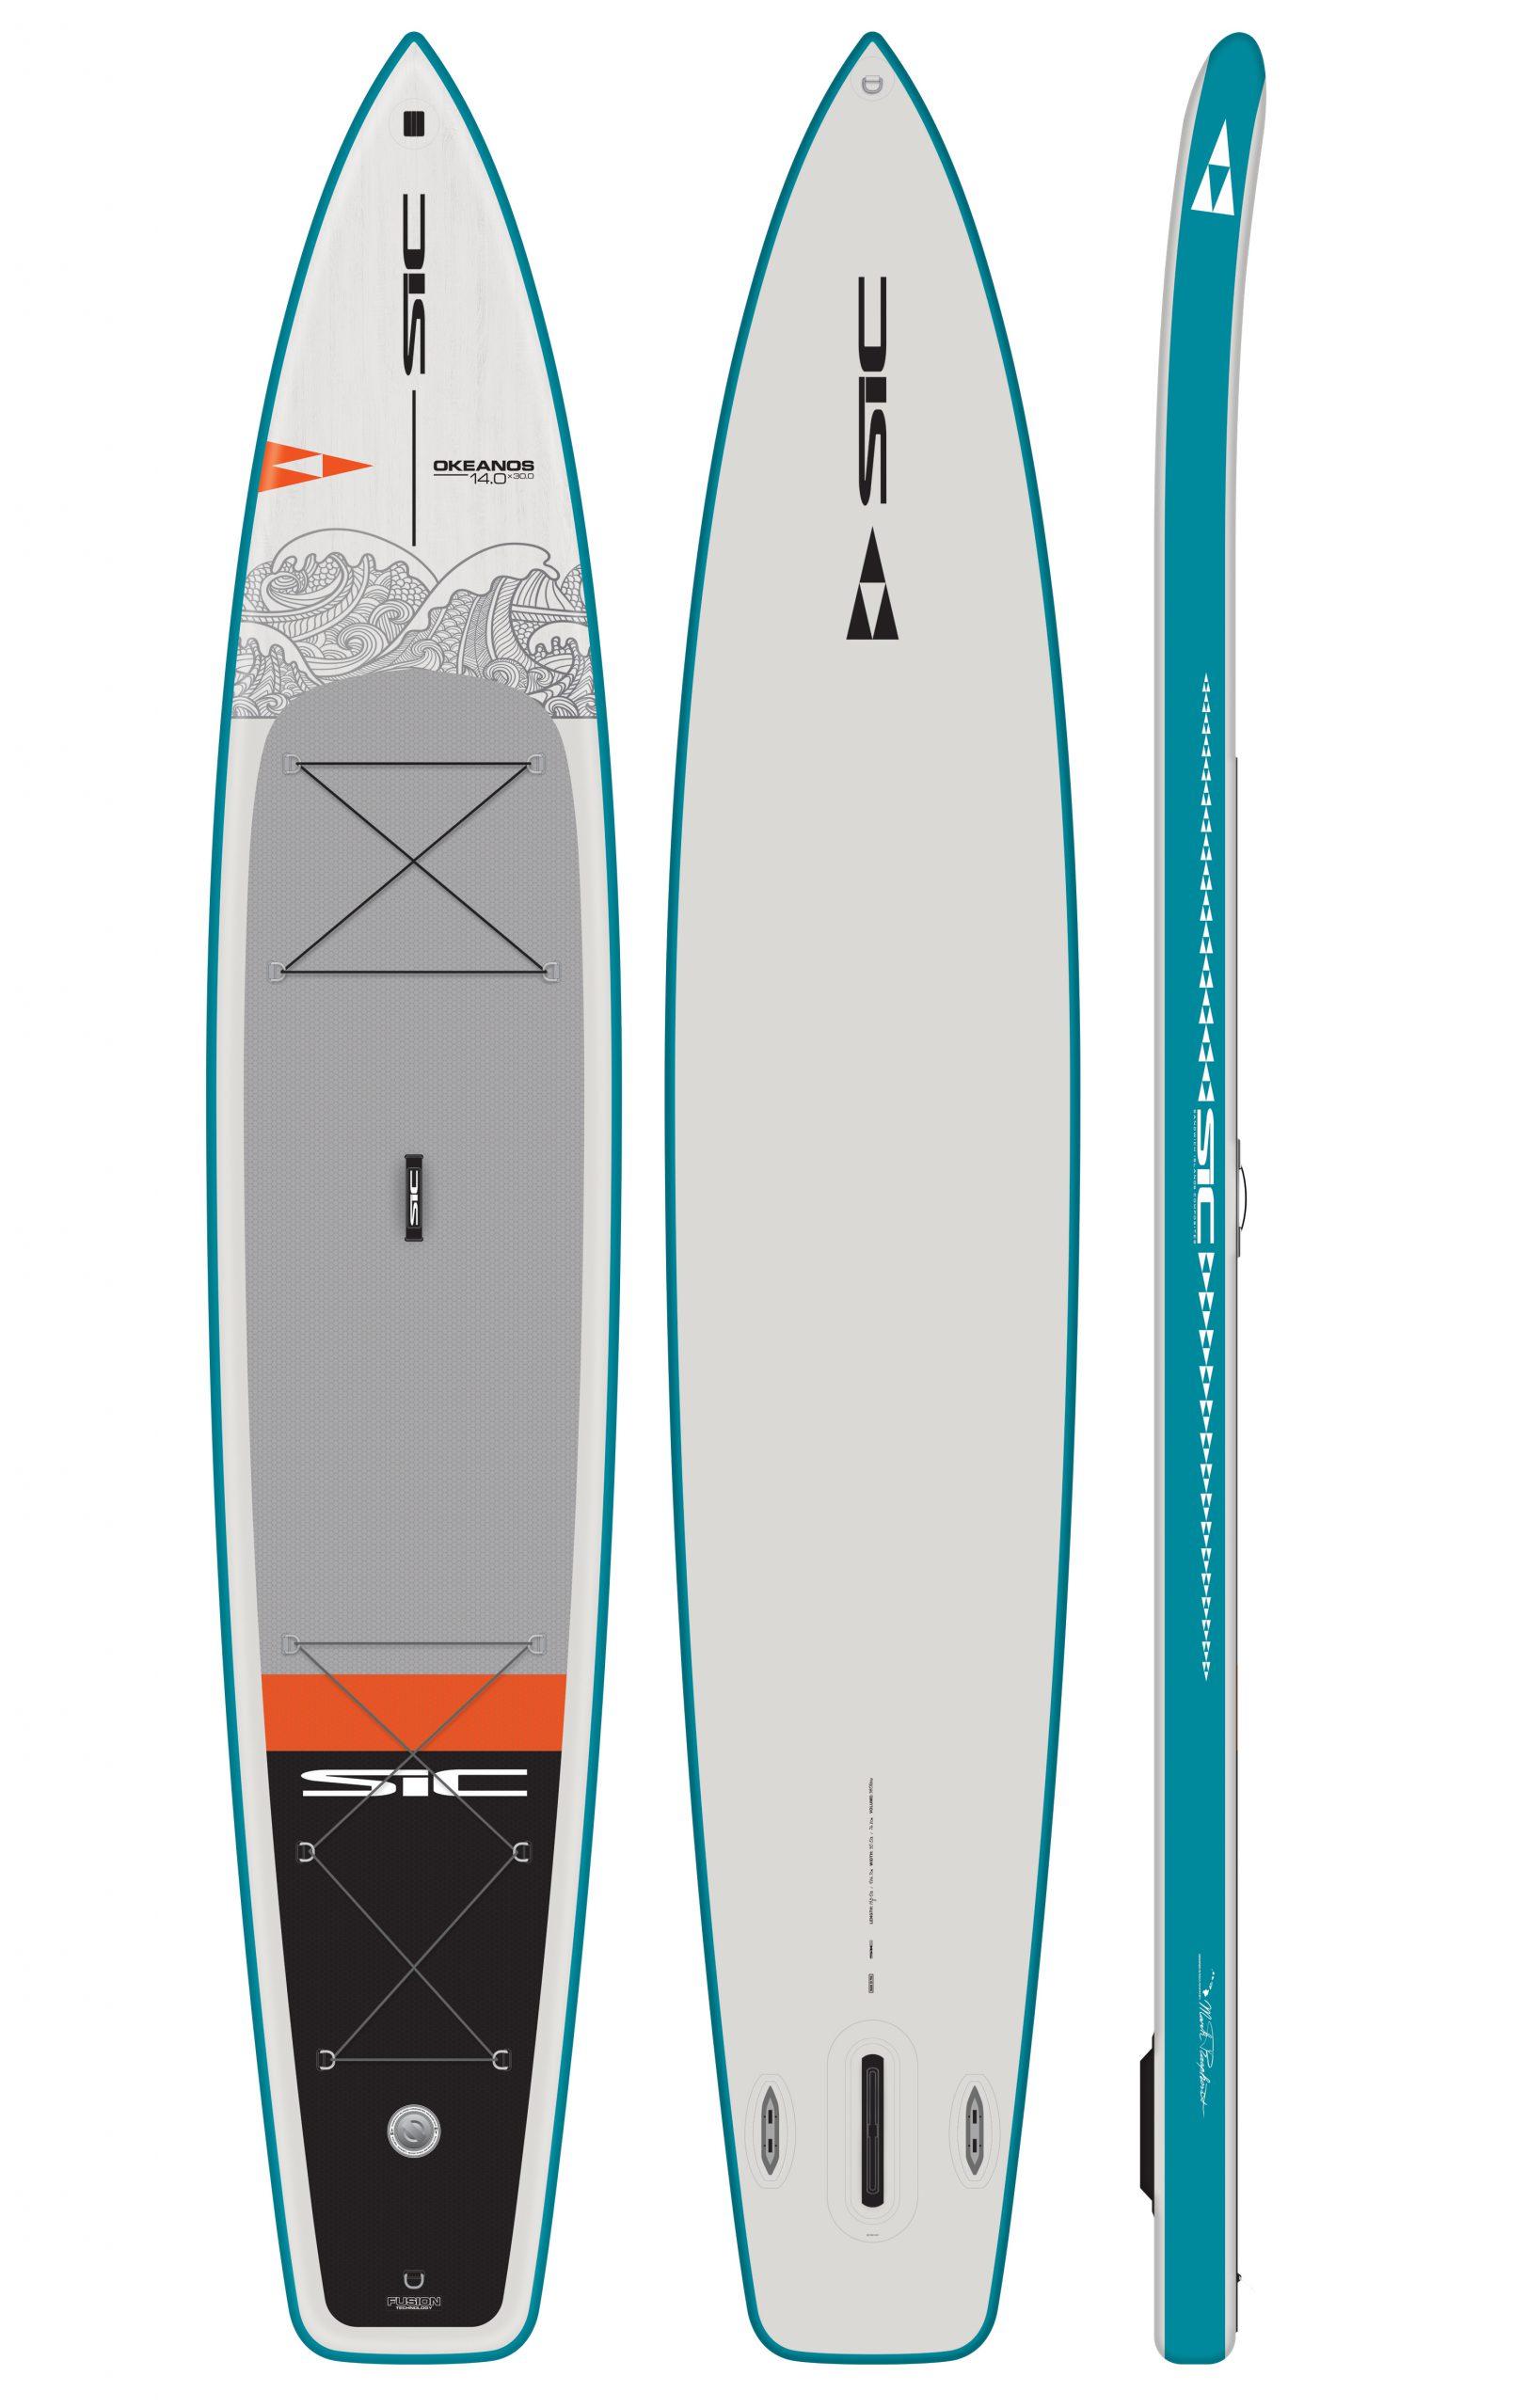 SIC Air-Glide Okeanos 14x30